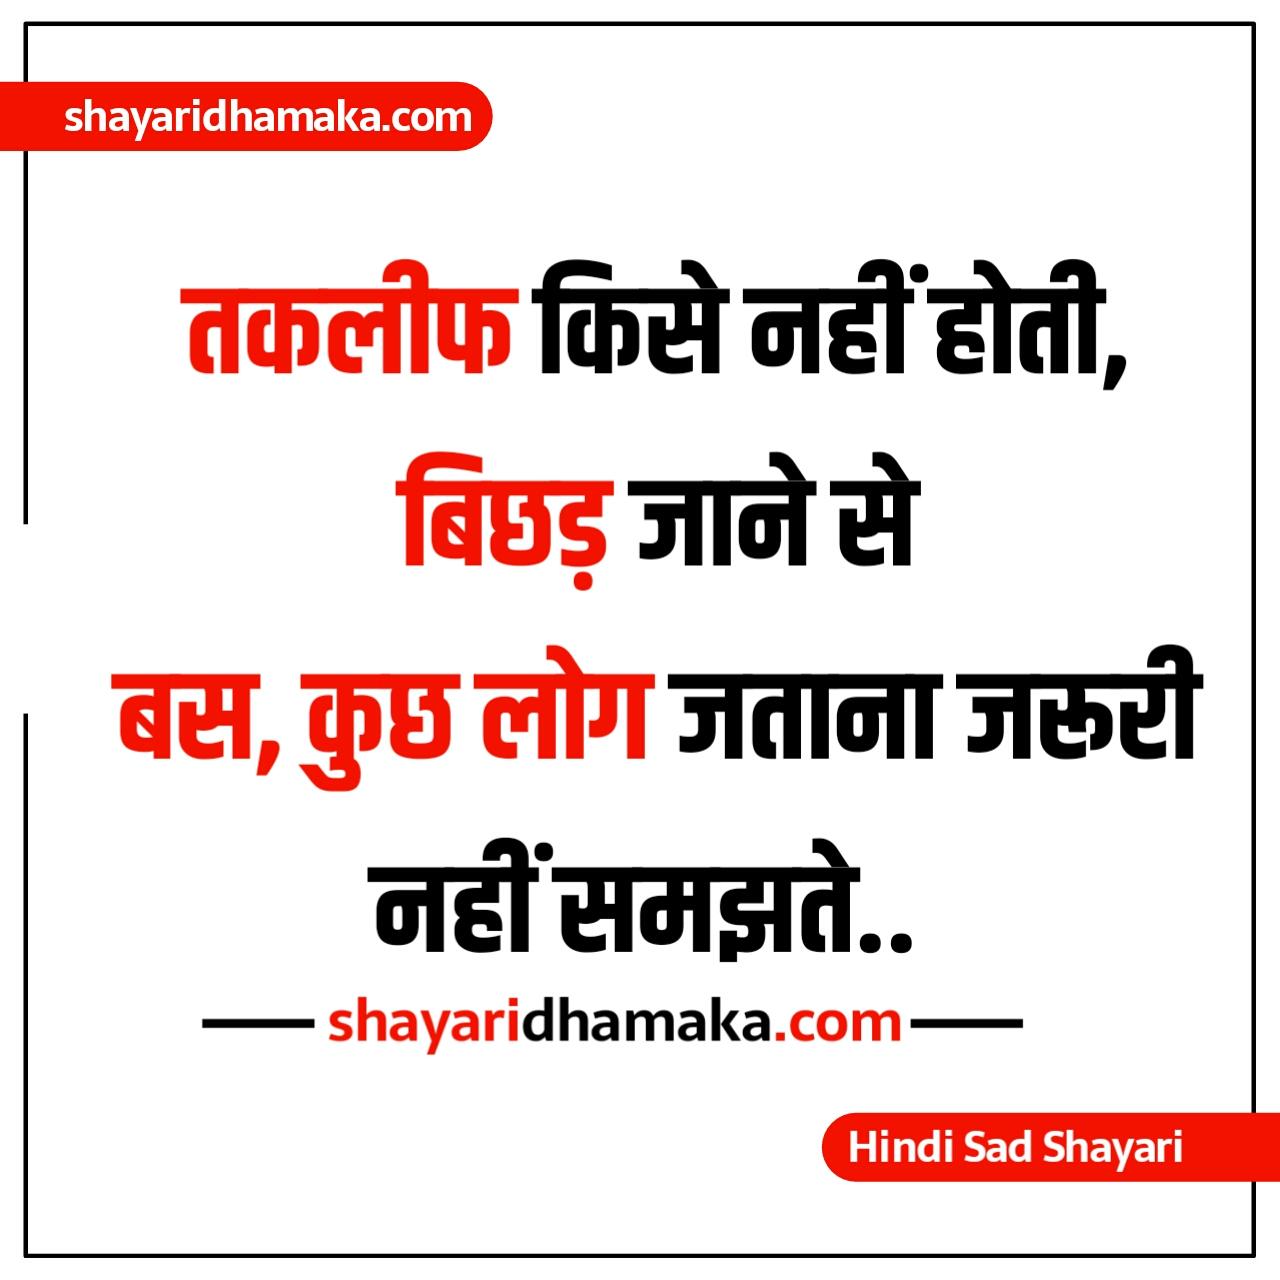 तकलीफ किसे नहीं होती - Hindi Sad Shayari